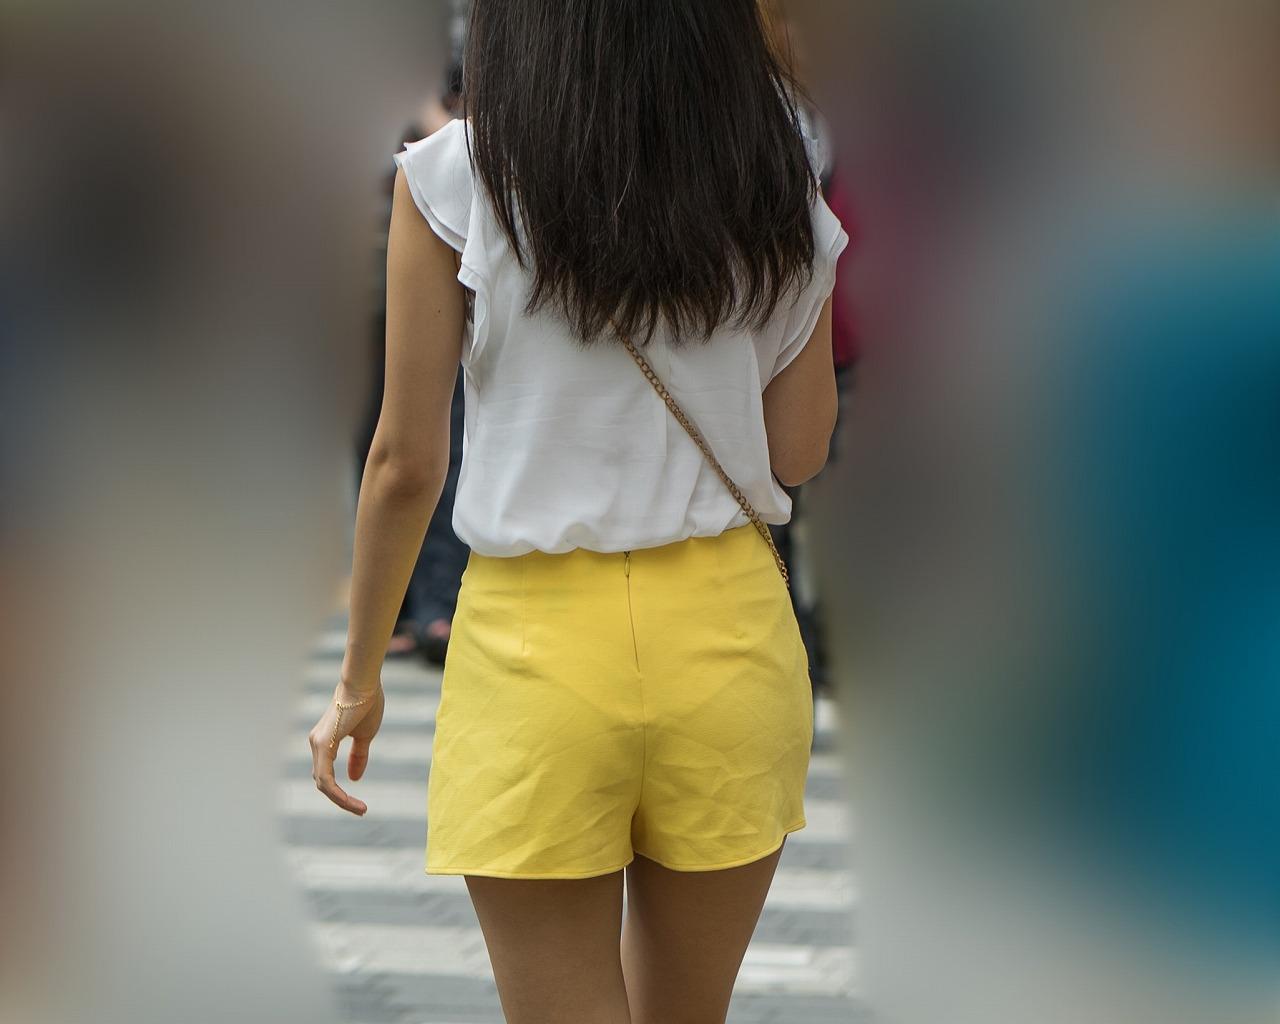 小尻にパンティラインがキュートな黄色ホットパンツのお姉さん!